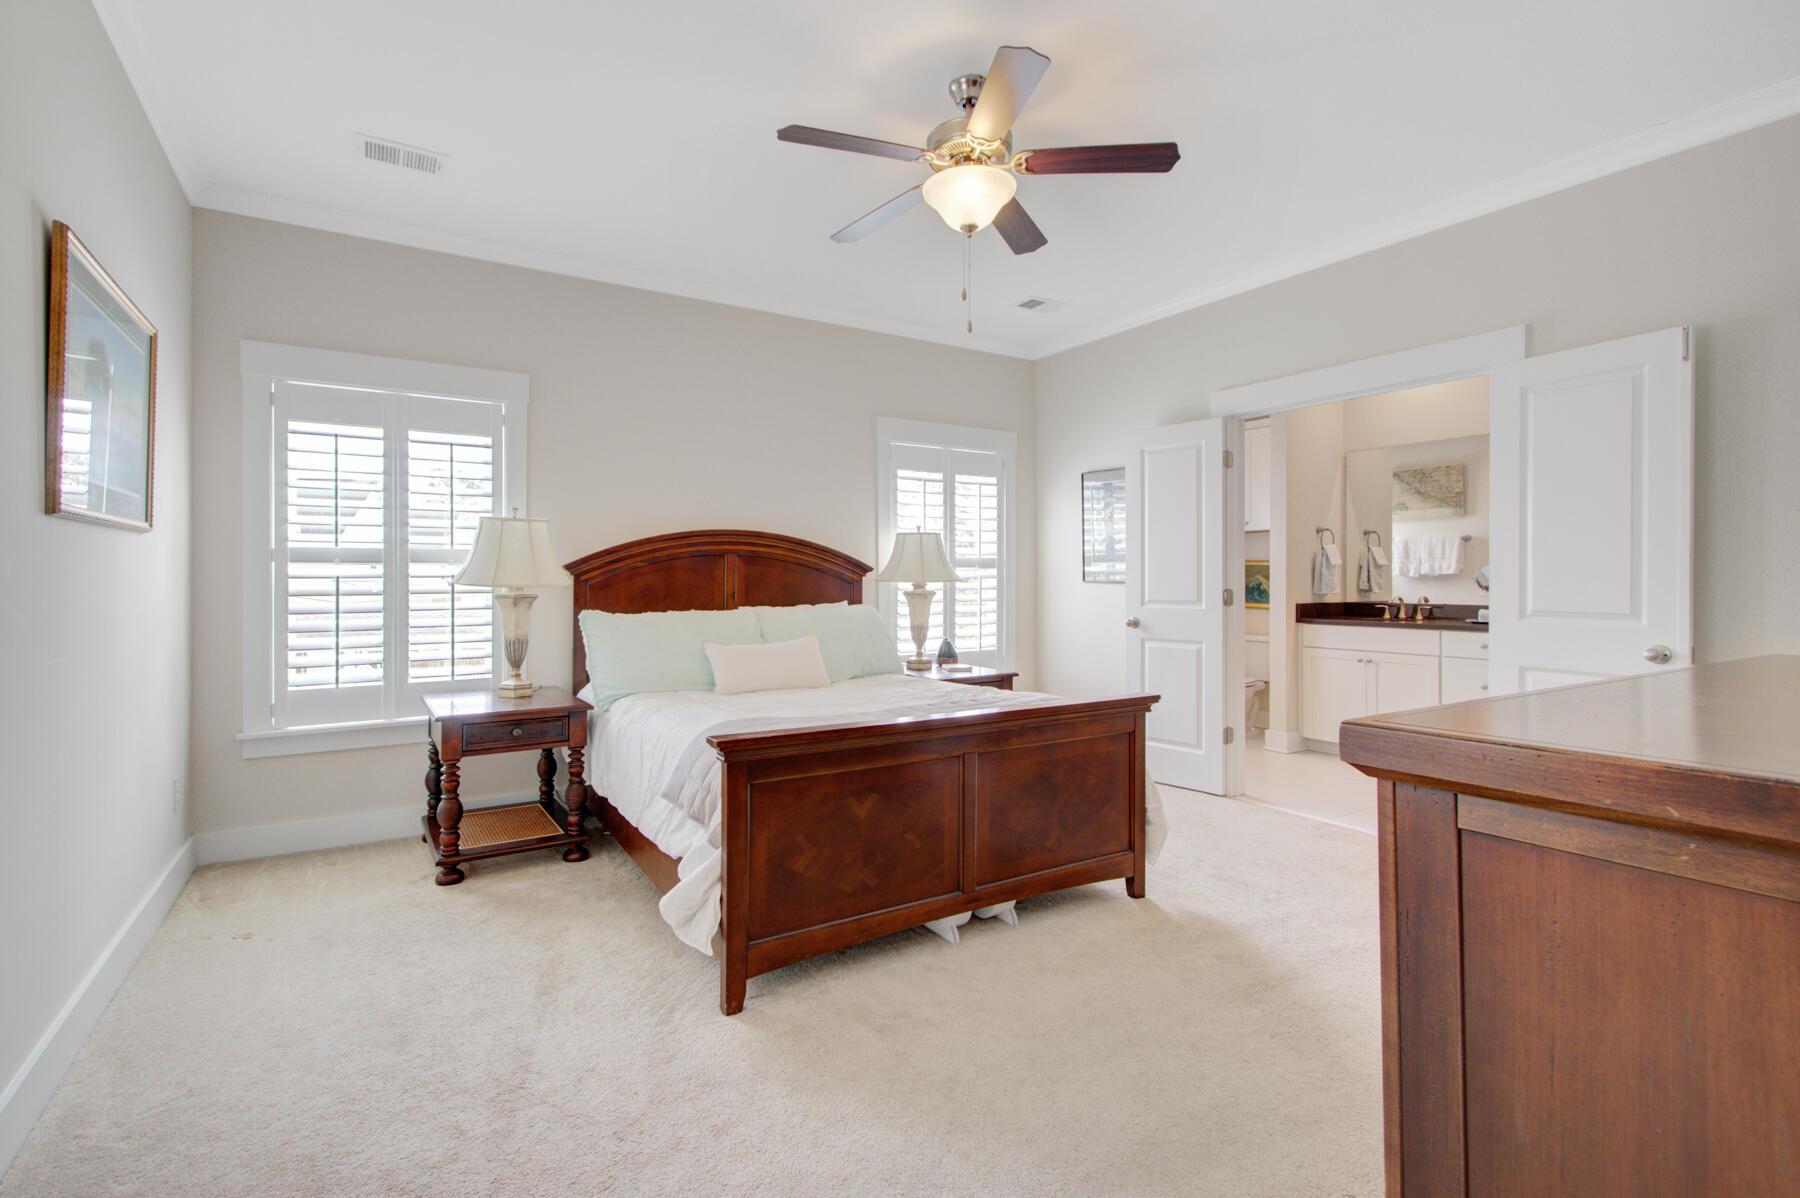 Moultrie Park Homes For Sale - 610 Ellingson, Mount Pleasant, SC - 8